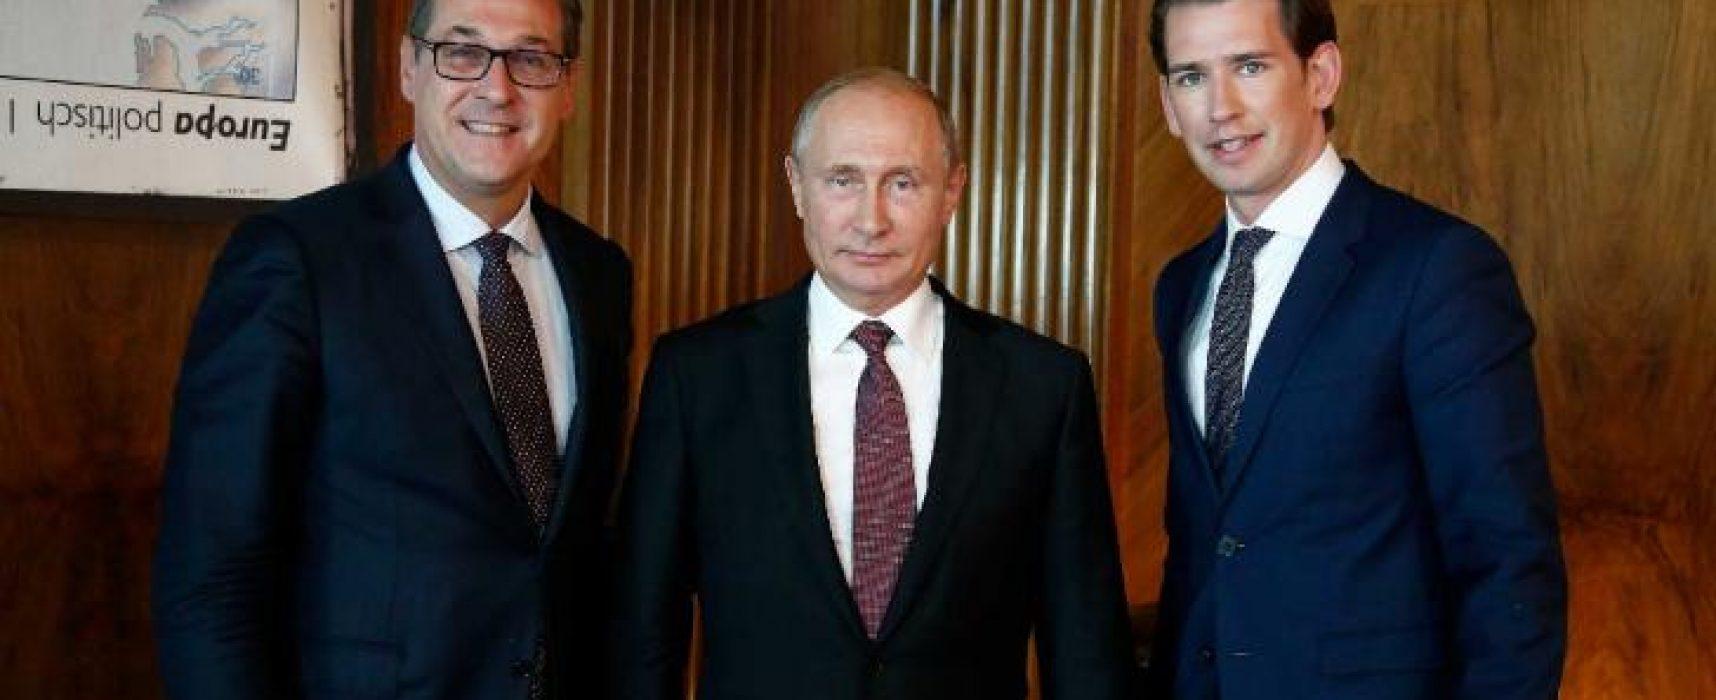 Strache verso le dimissioni dopo il video sui legami con i russi